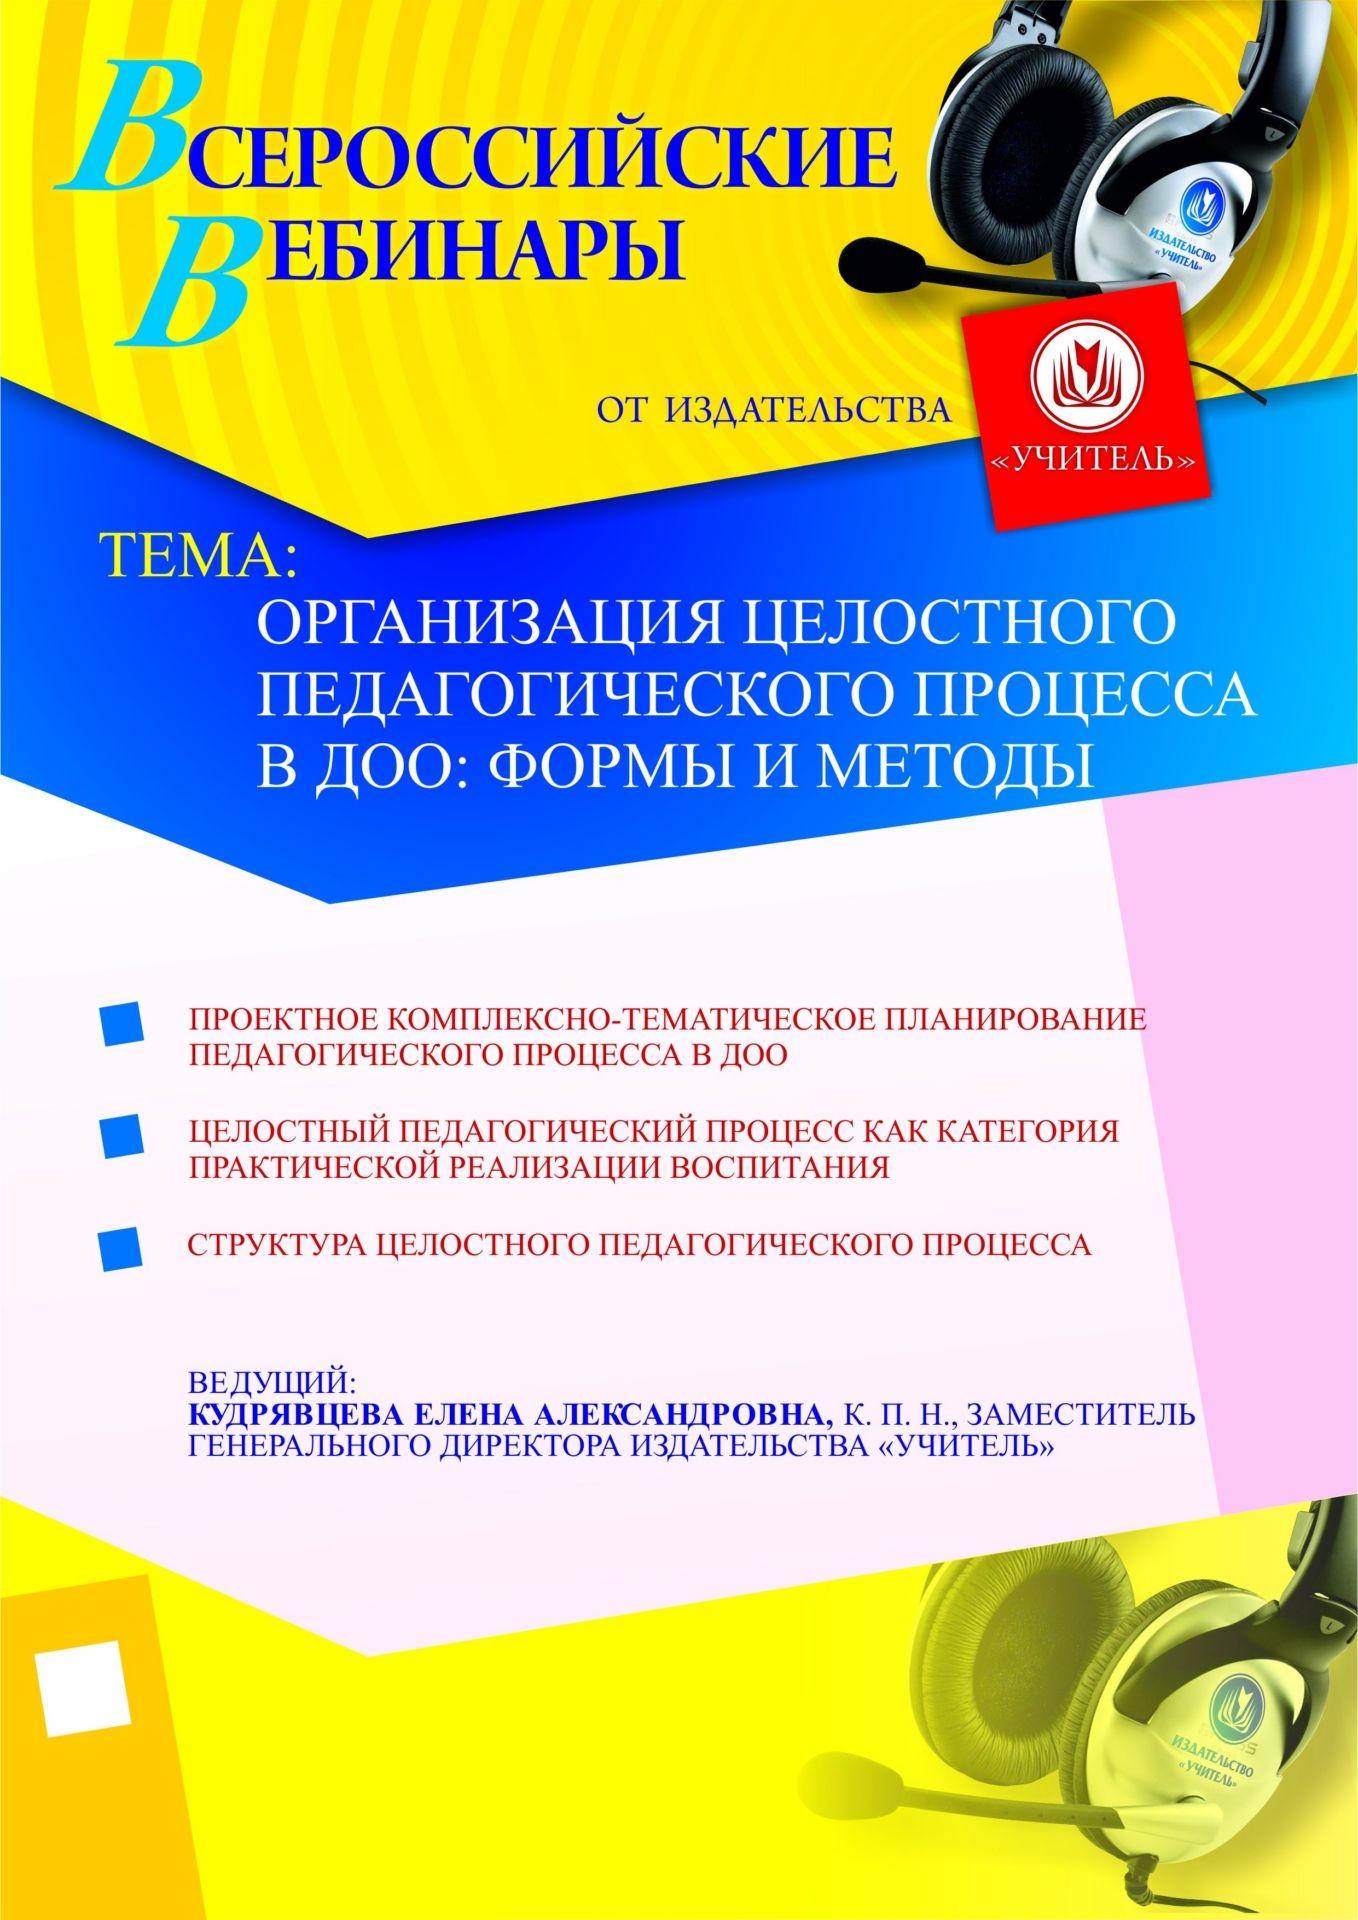 Организация целостного педагогического процесса в ДОО: формы и методы фото